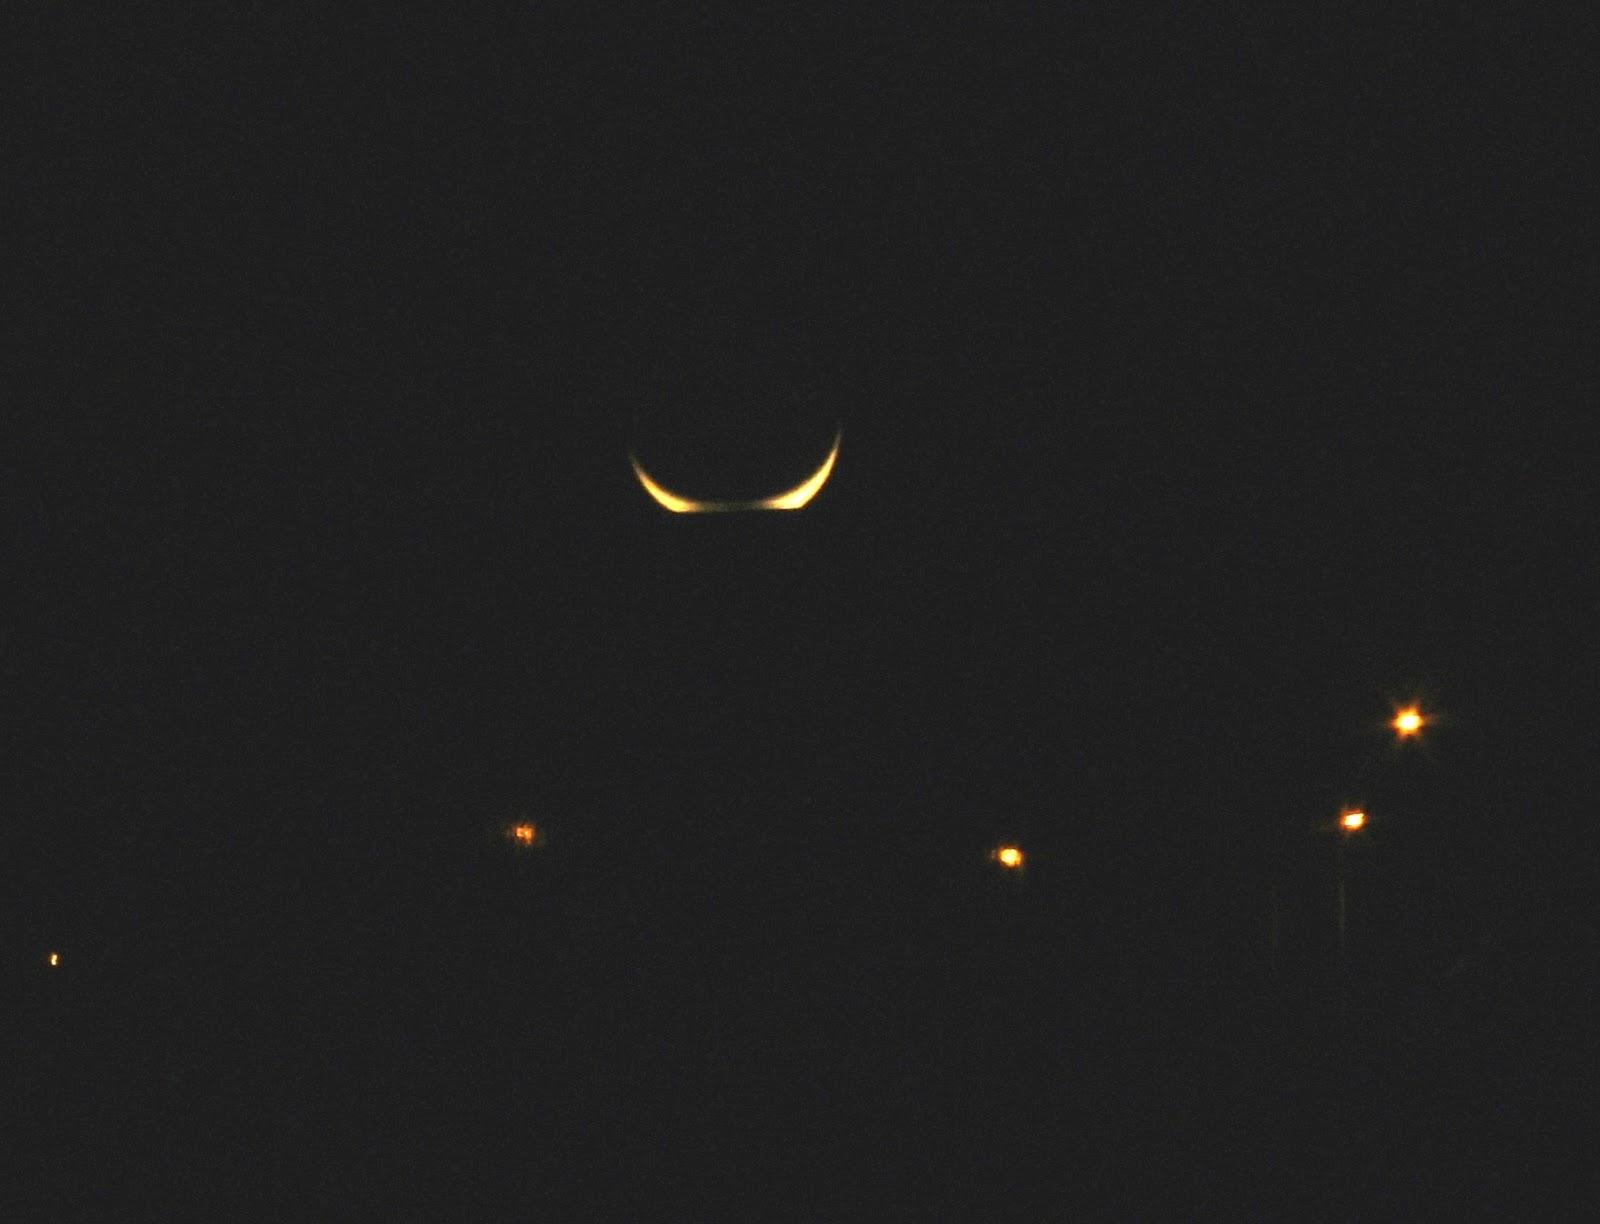 Desde El Tercer Planeta La Luna Se Tumba